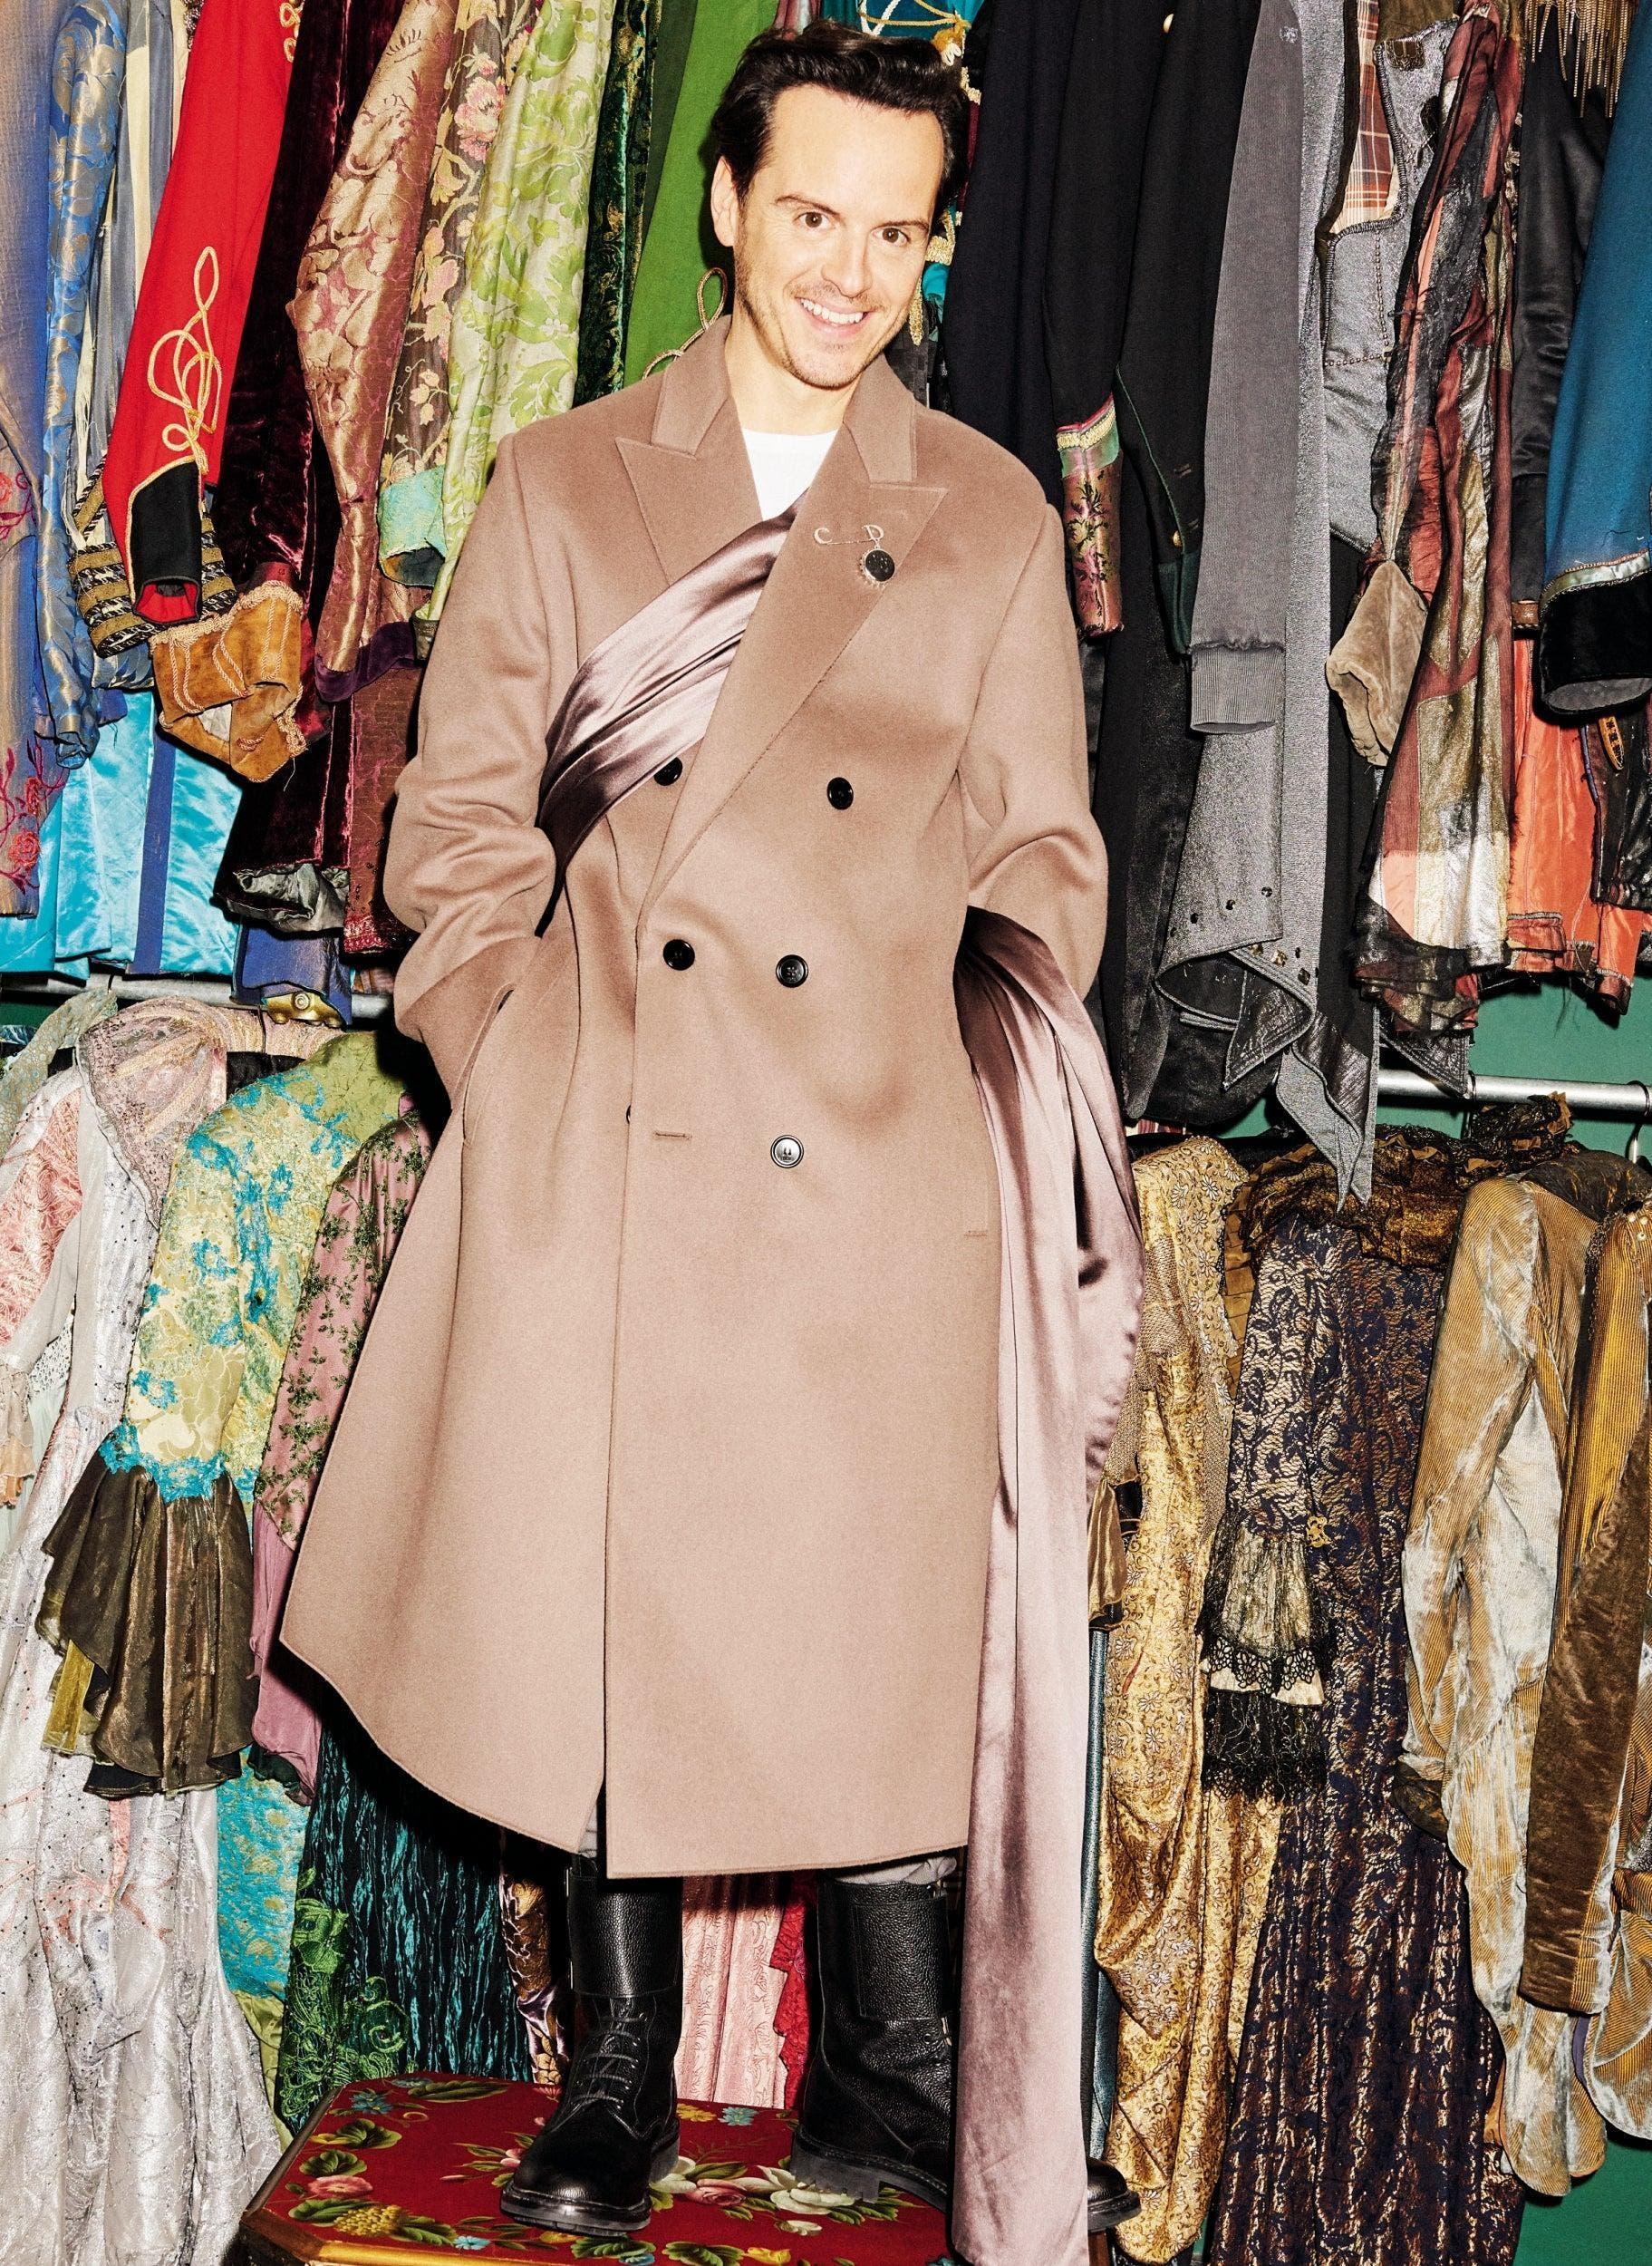 Dior coat, £3,300; trousers, £700; brooch, £370 (d